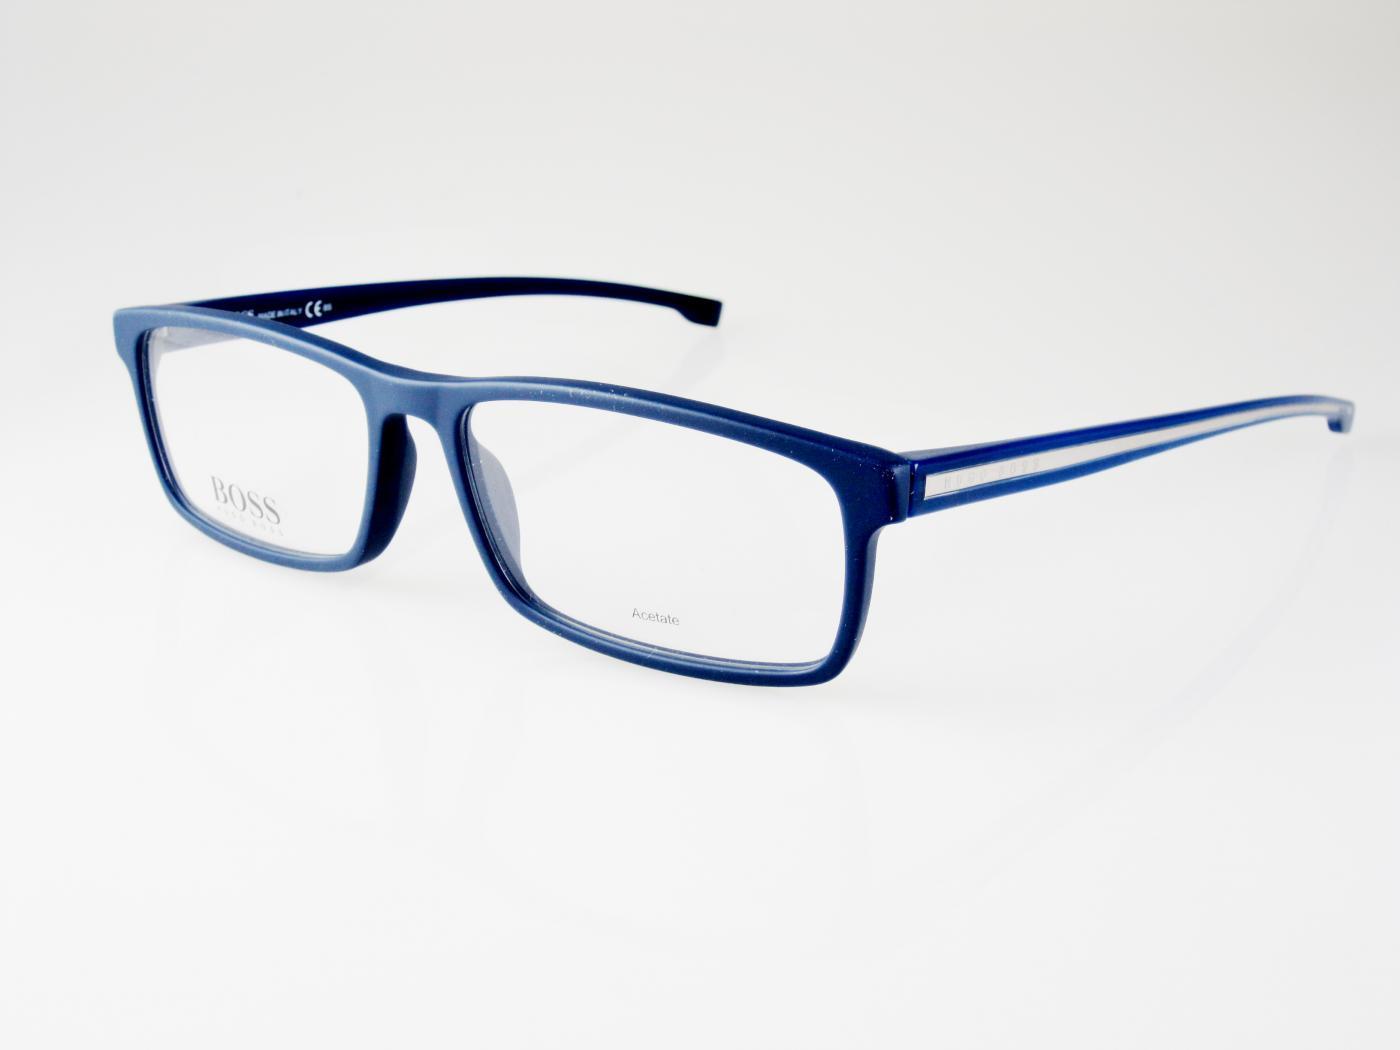 3874b0a95 Pánske dioptrické okuliare Hugo Boss | oftalens.sk